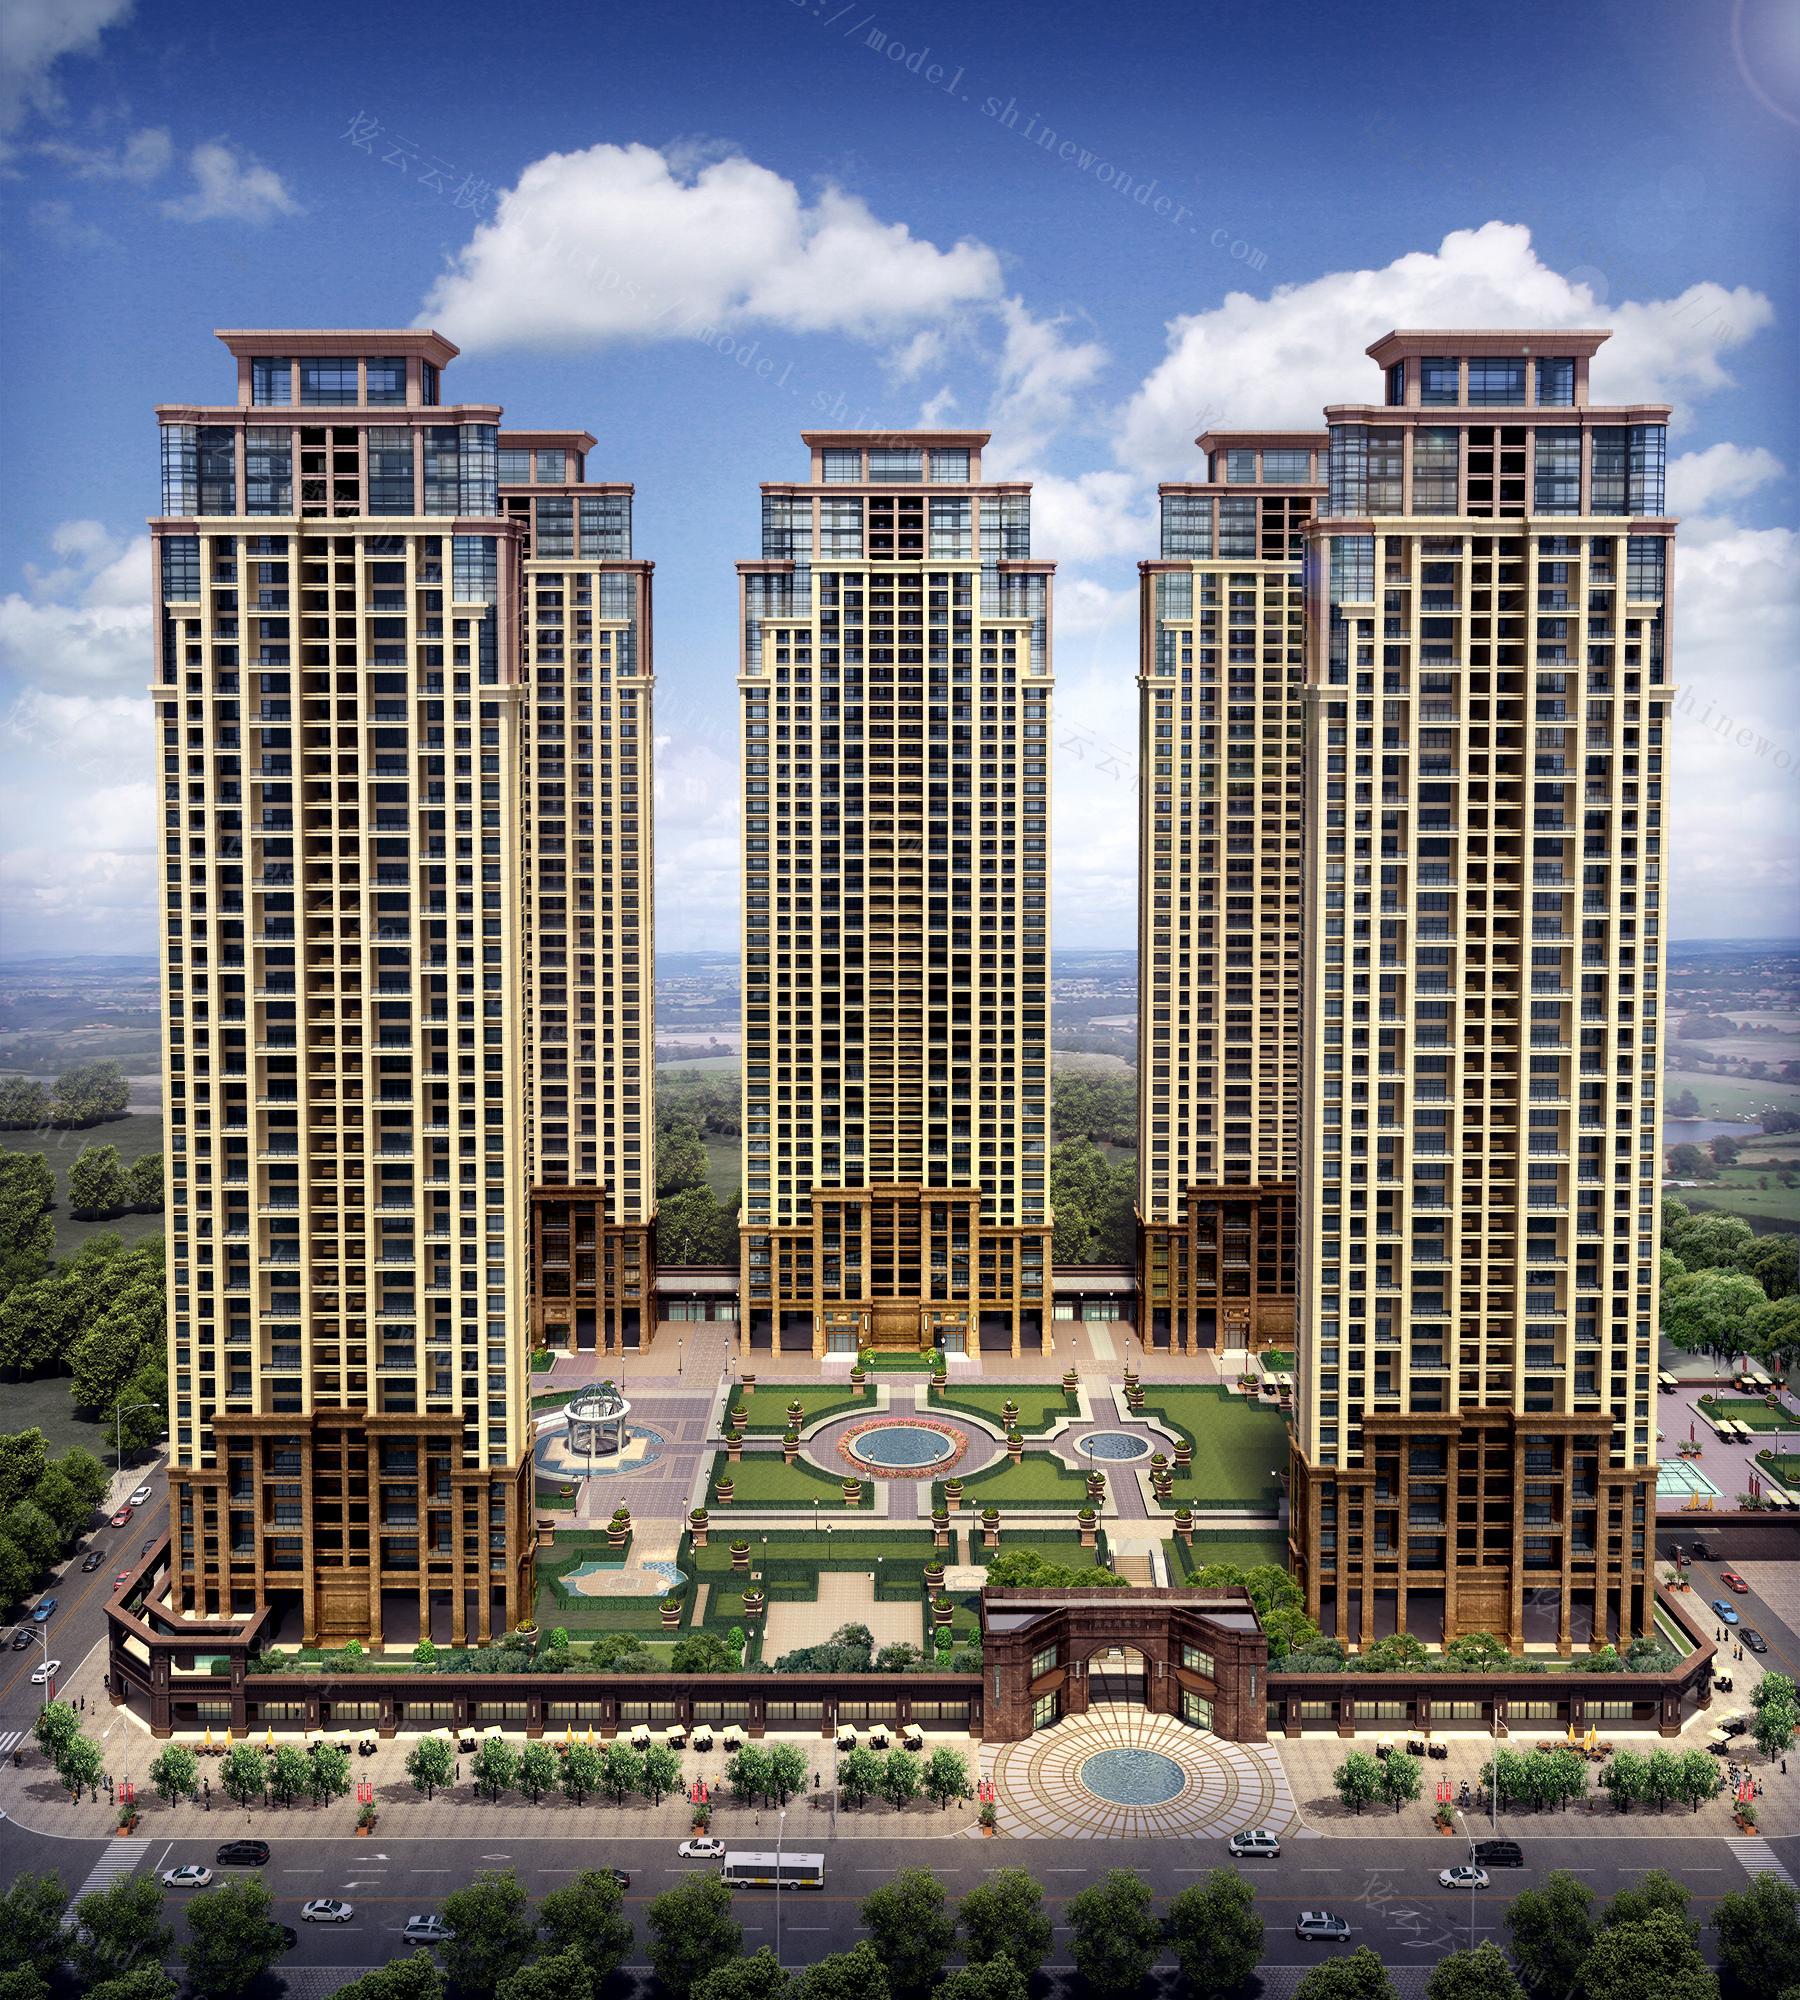 高层住宅半鸟瞰模型